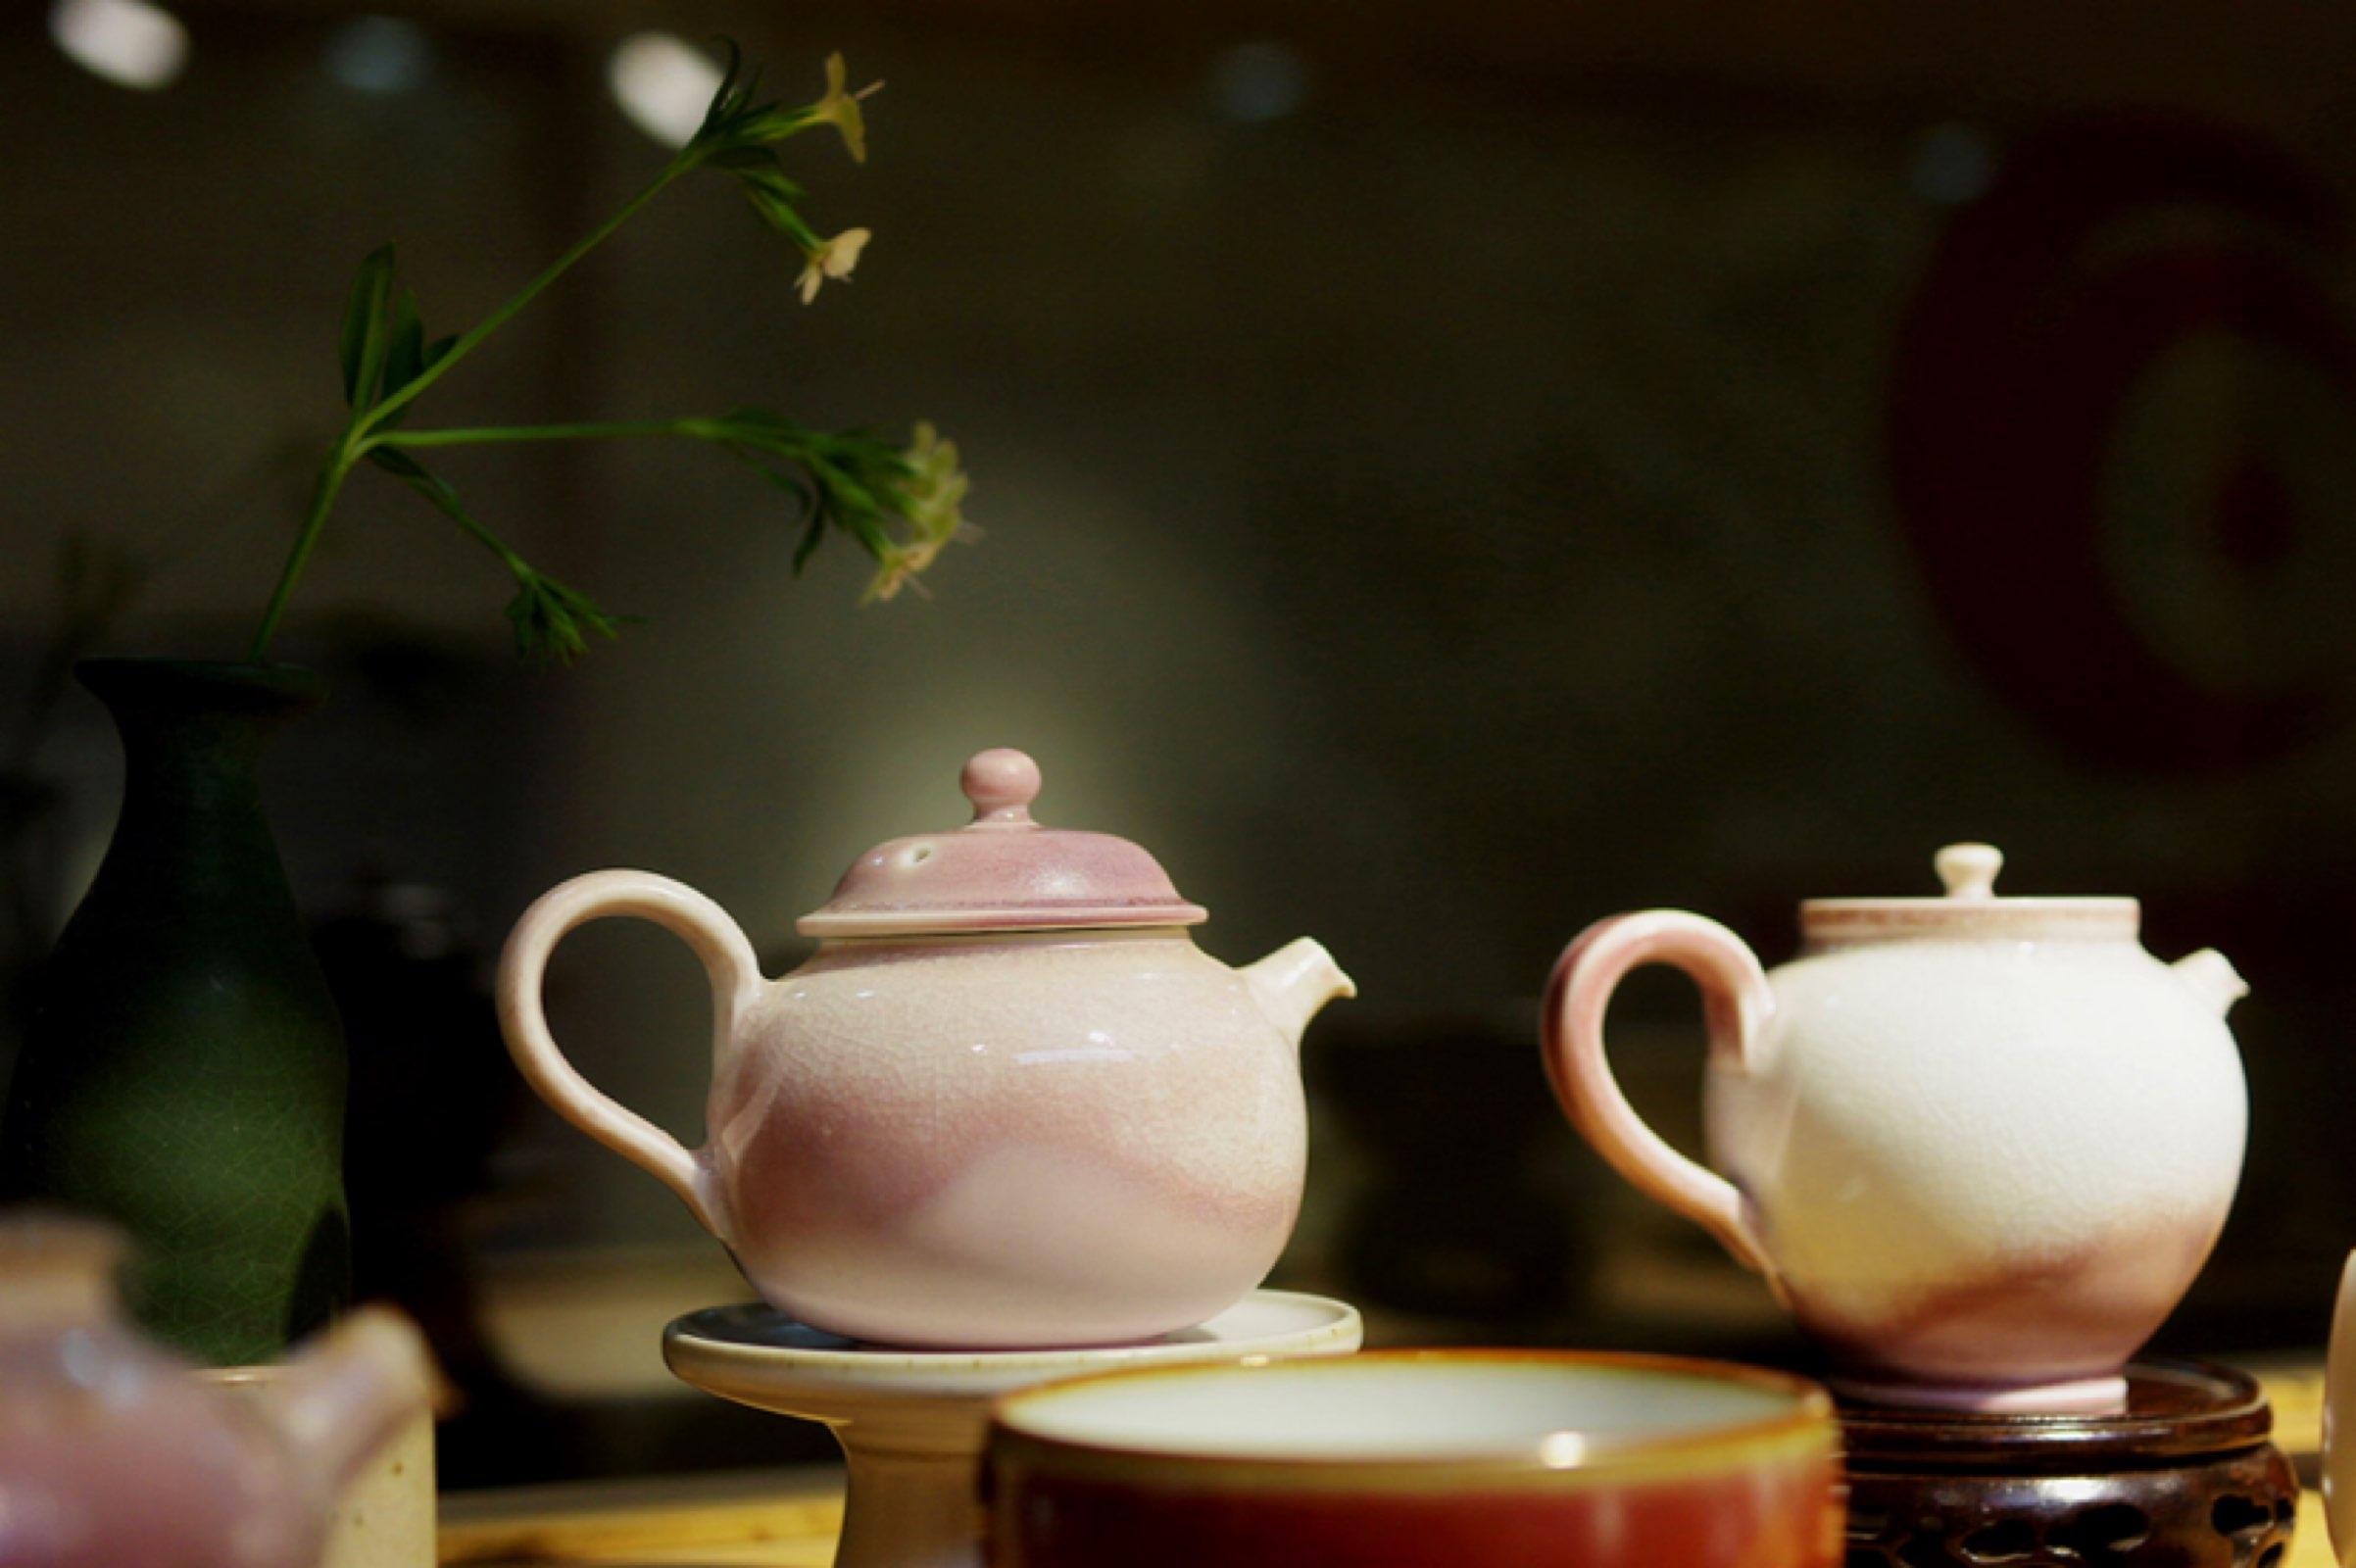 【制茶。造物】美物抵心。茶器分享、自在眼缘。